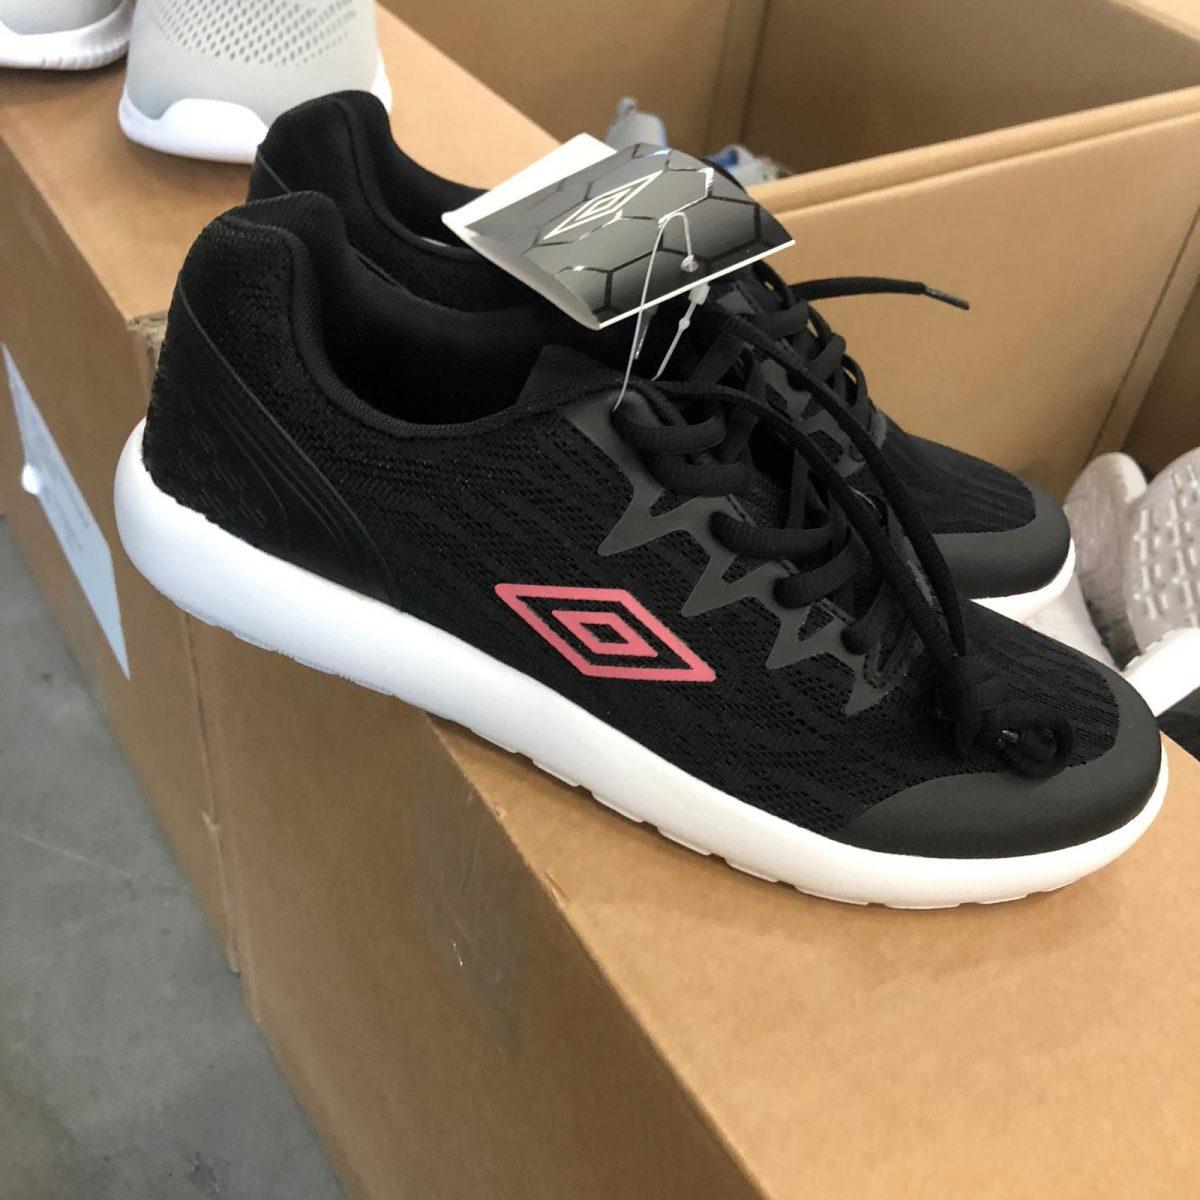 UMBRO sport sneakers mix for women